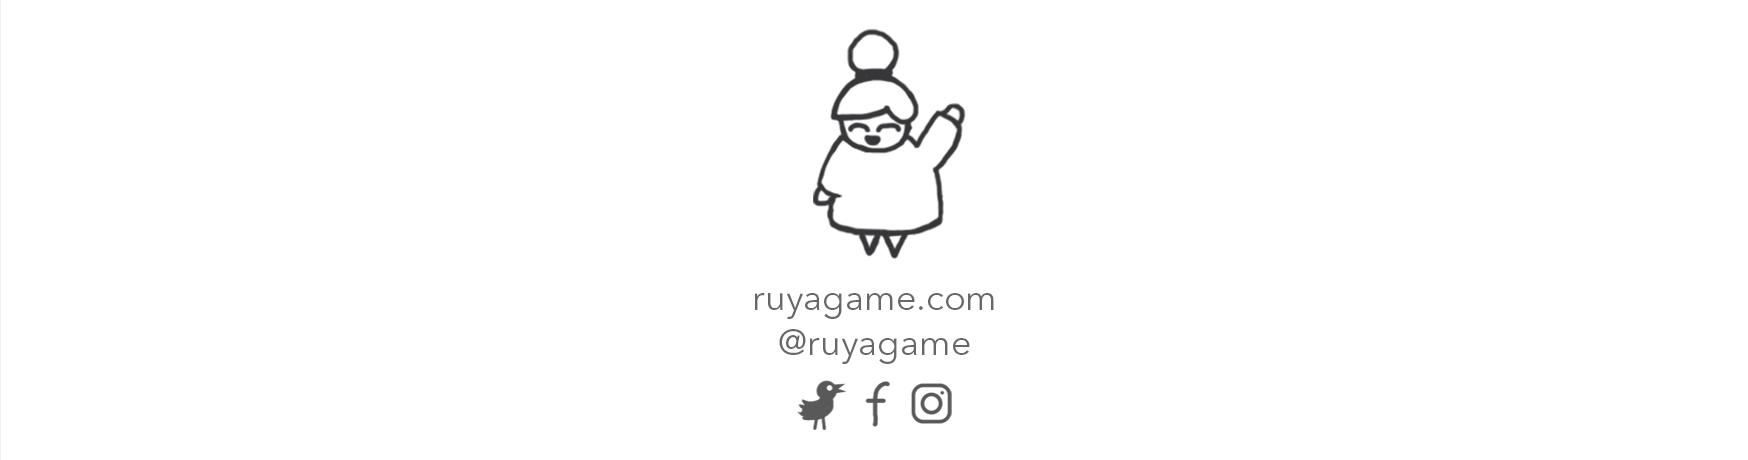 ruya promo banner